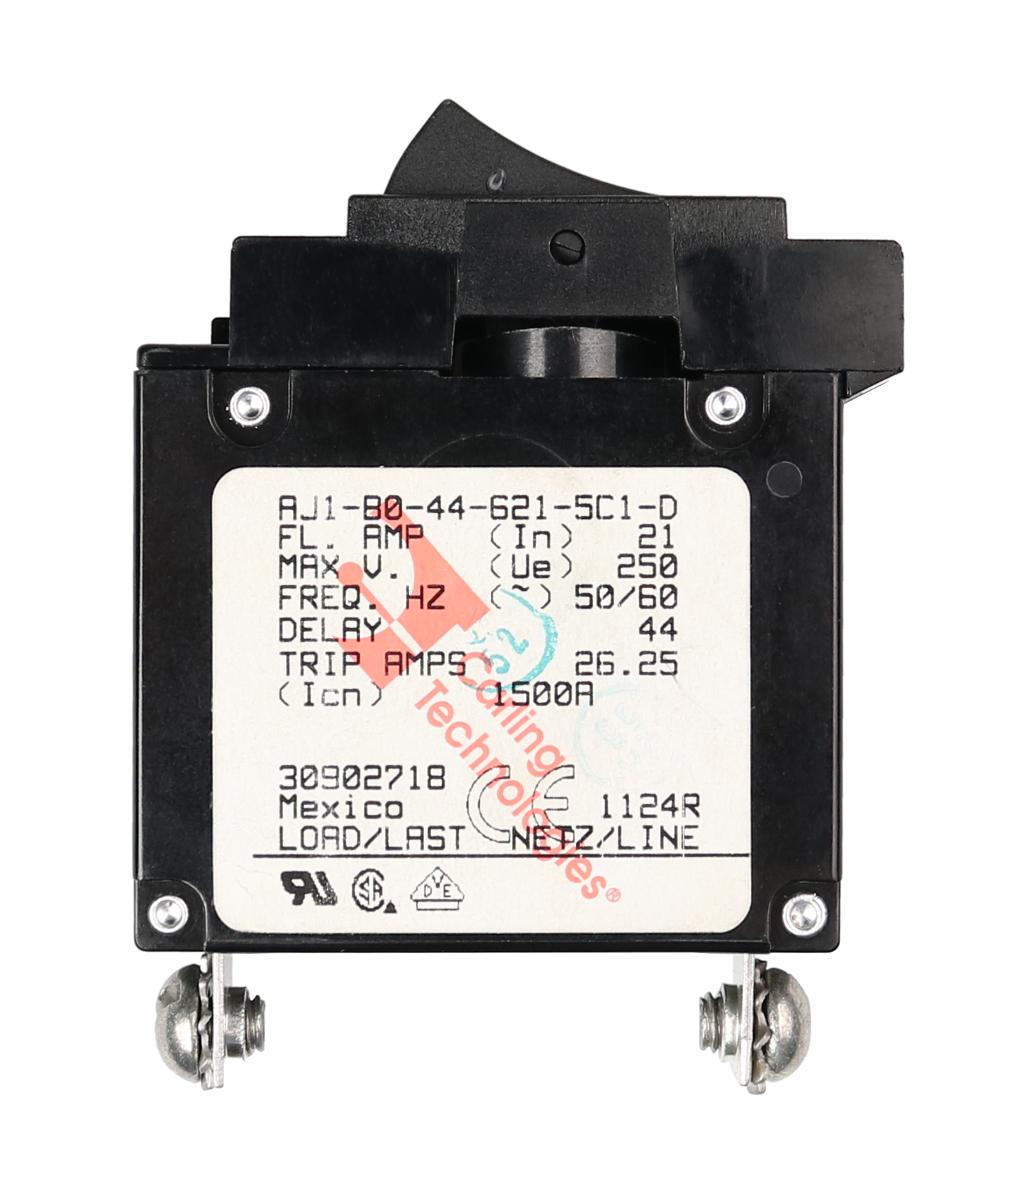 21 Amp Circuit Breaker for CA9